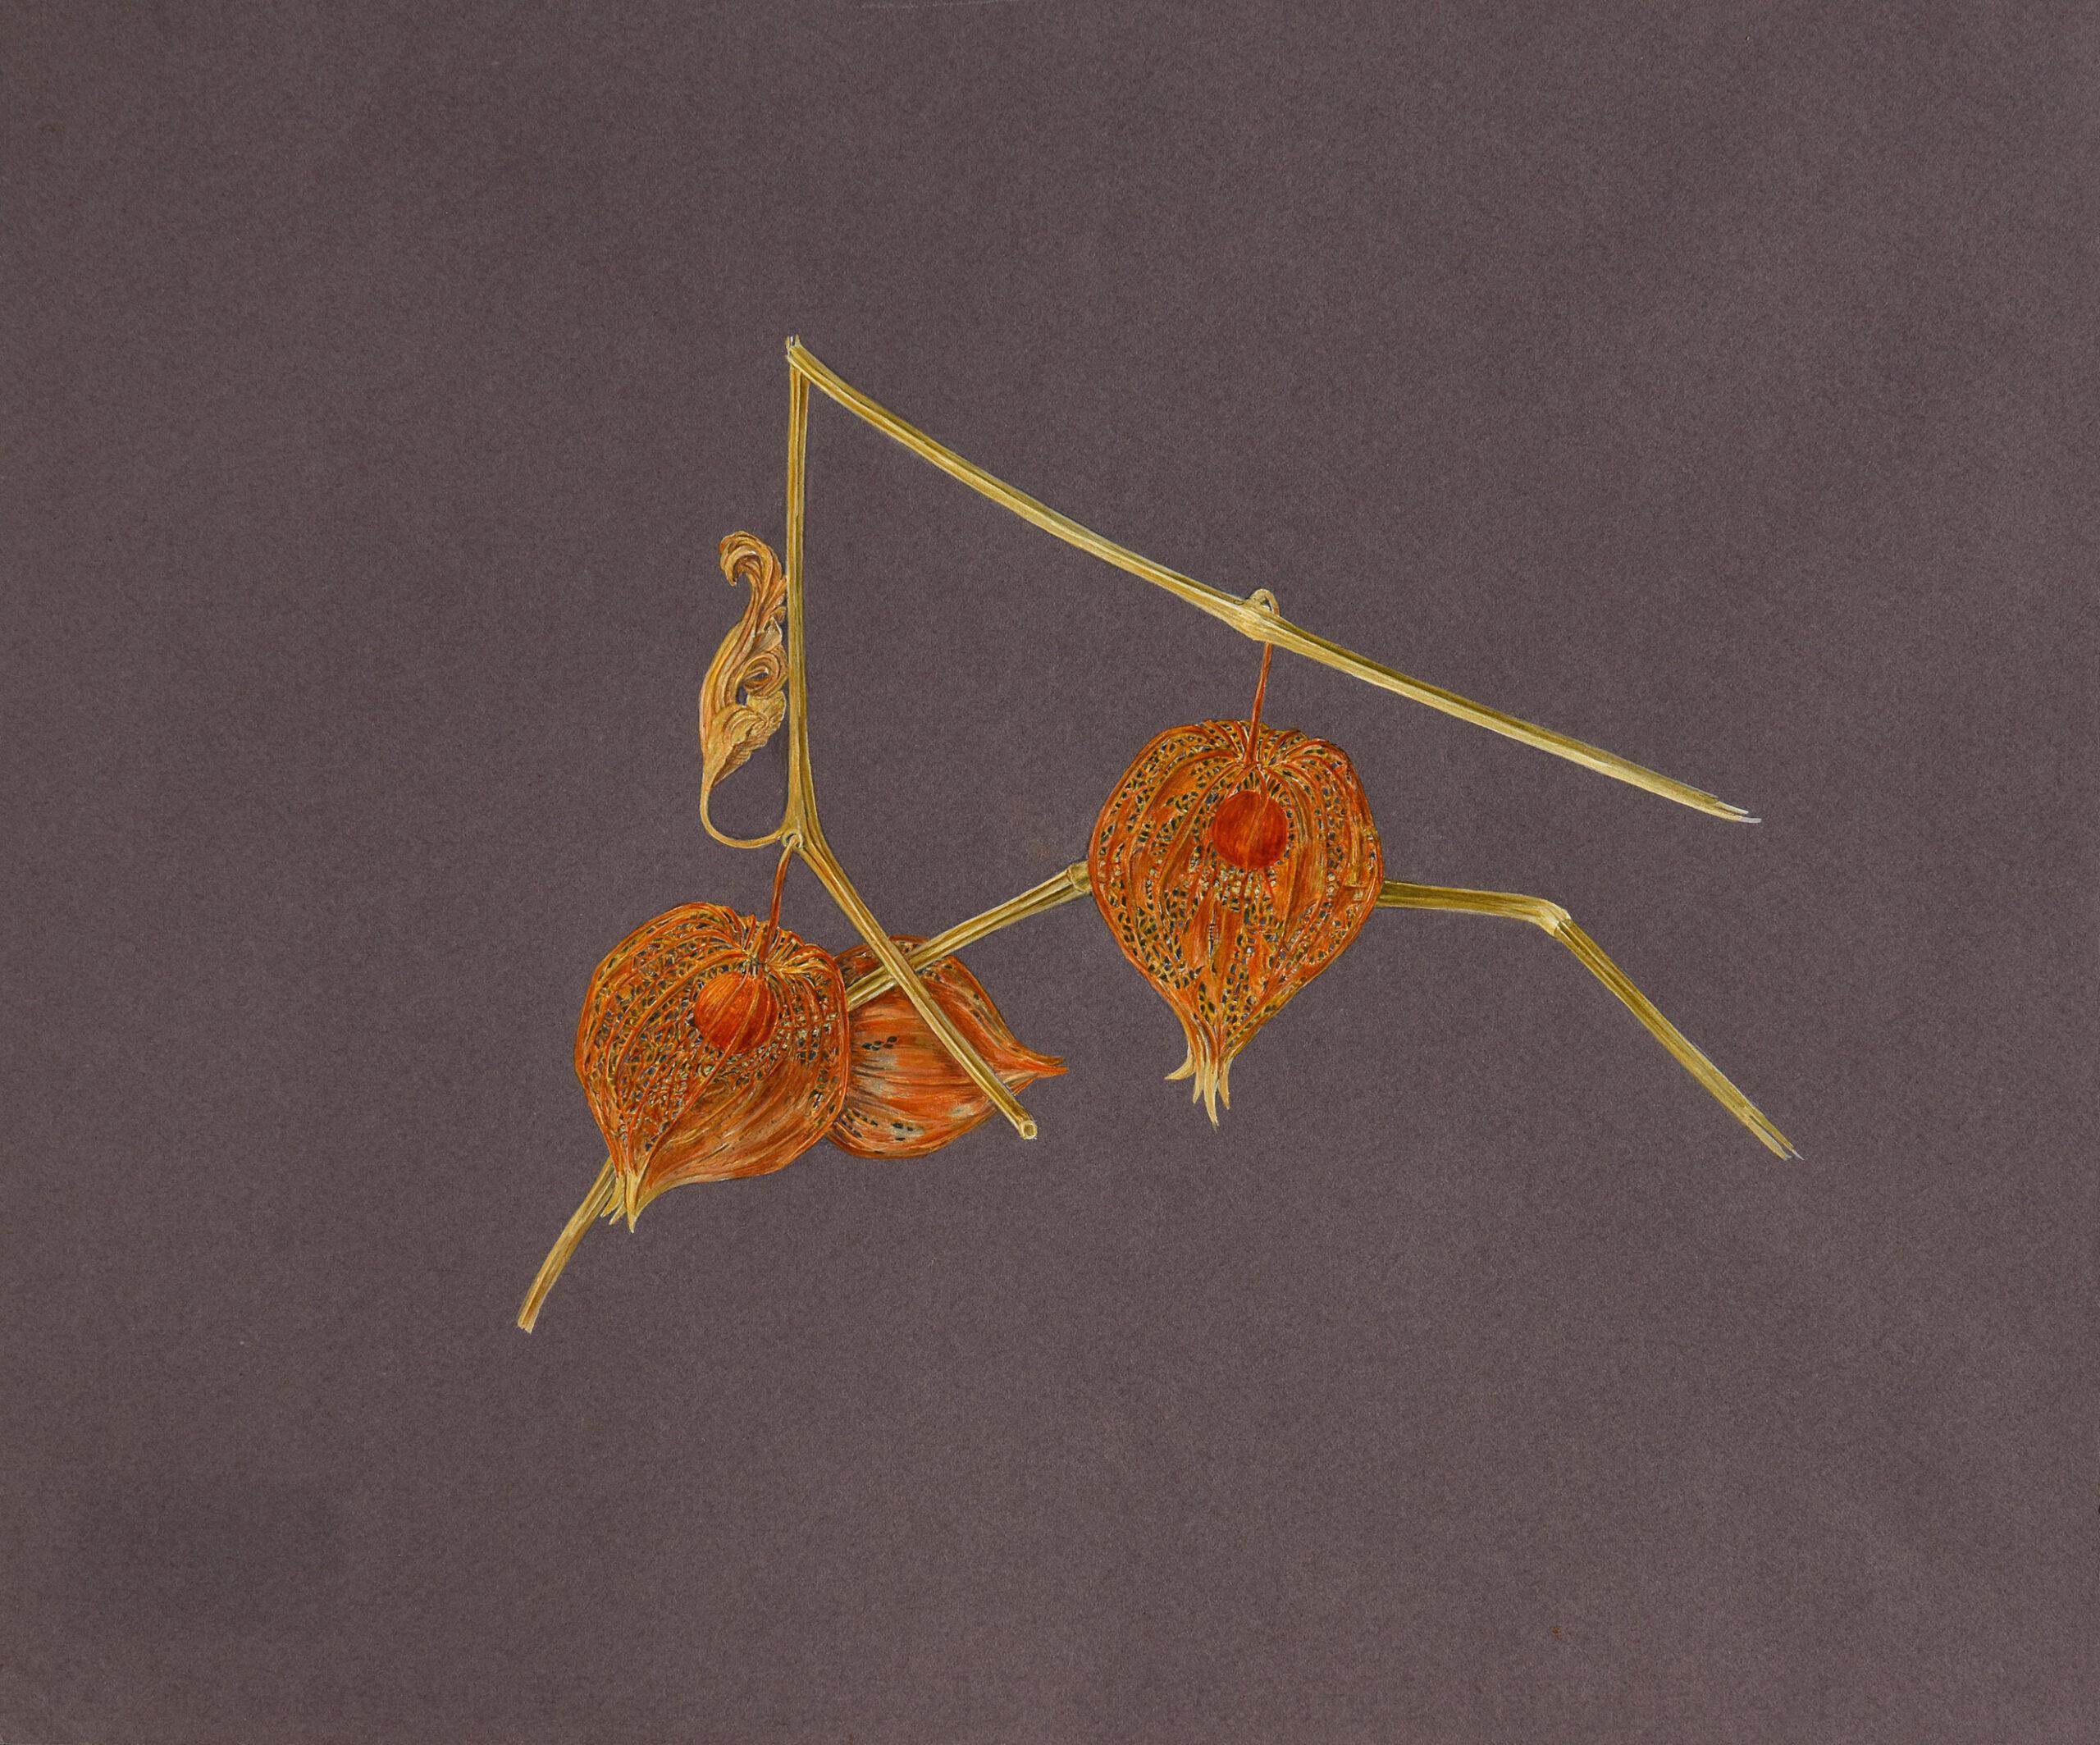 Alchechengi seccotecnica mista: acquerello e tempera su carta